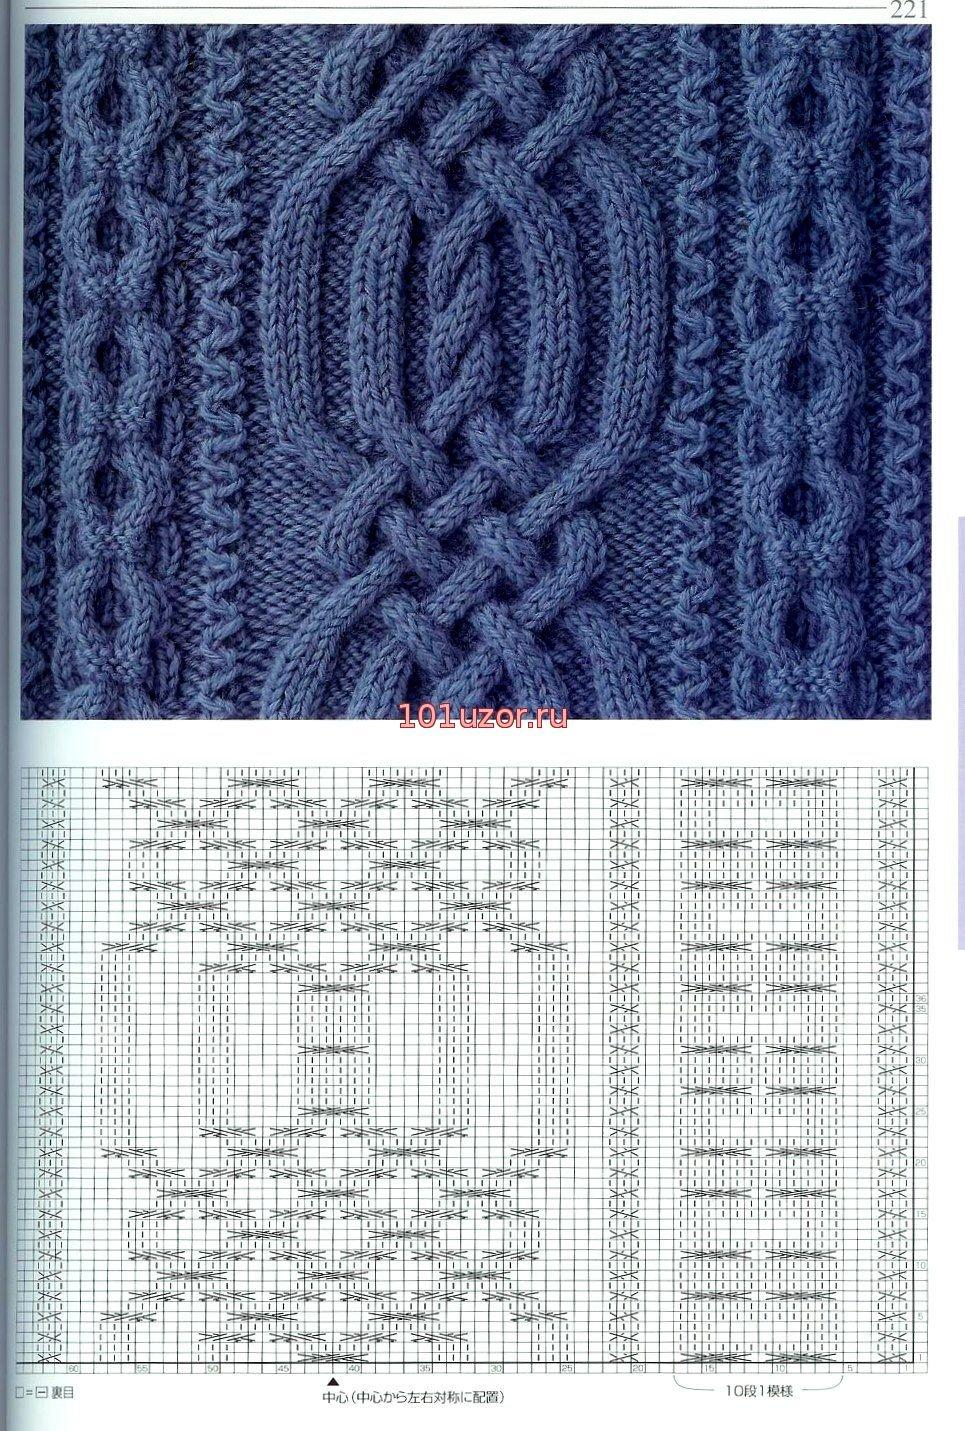 Данная подборка женских свитеров включает больше 50 моделей и схем вязания свитеров спицами.